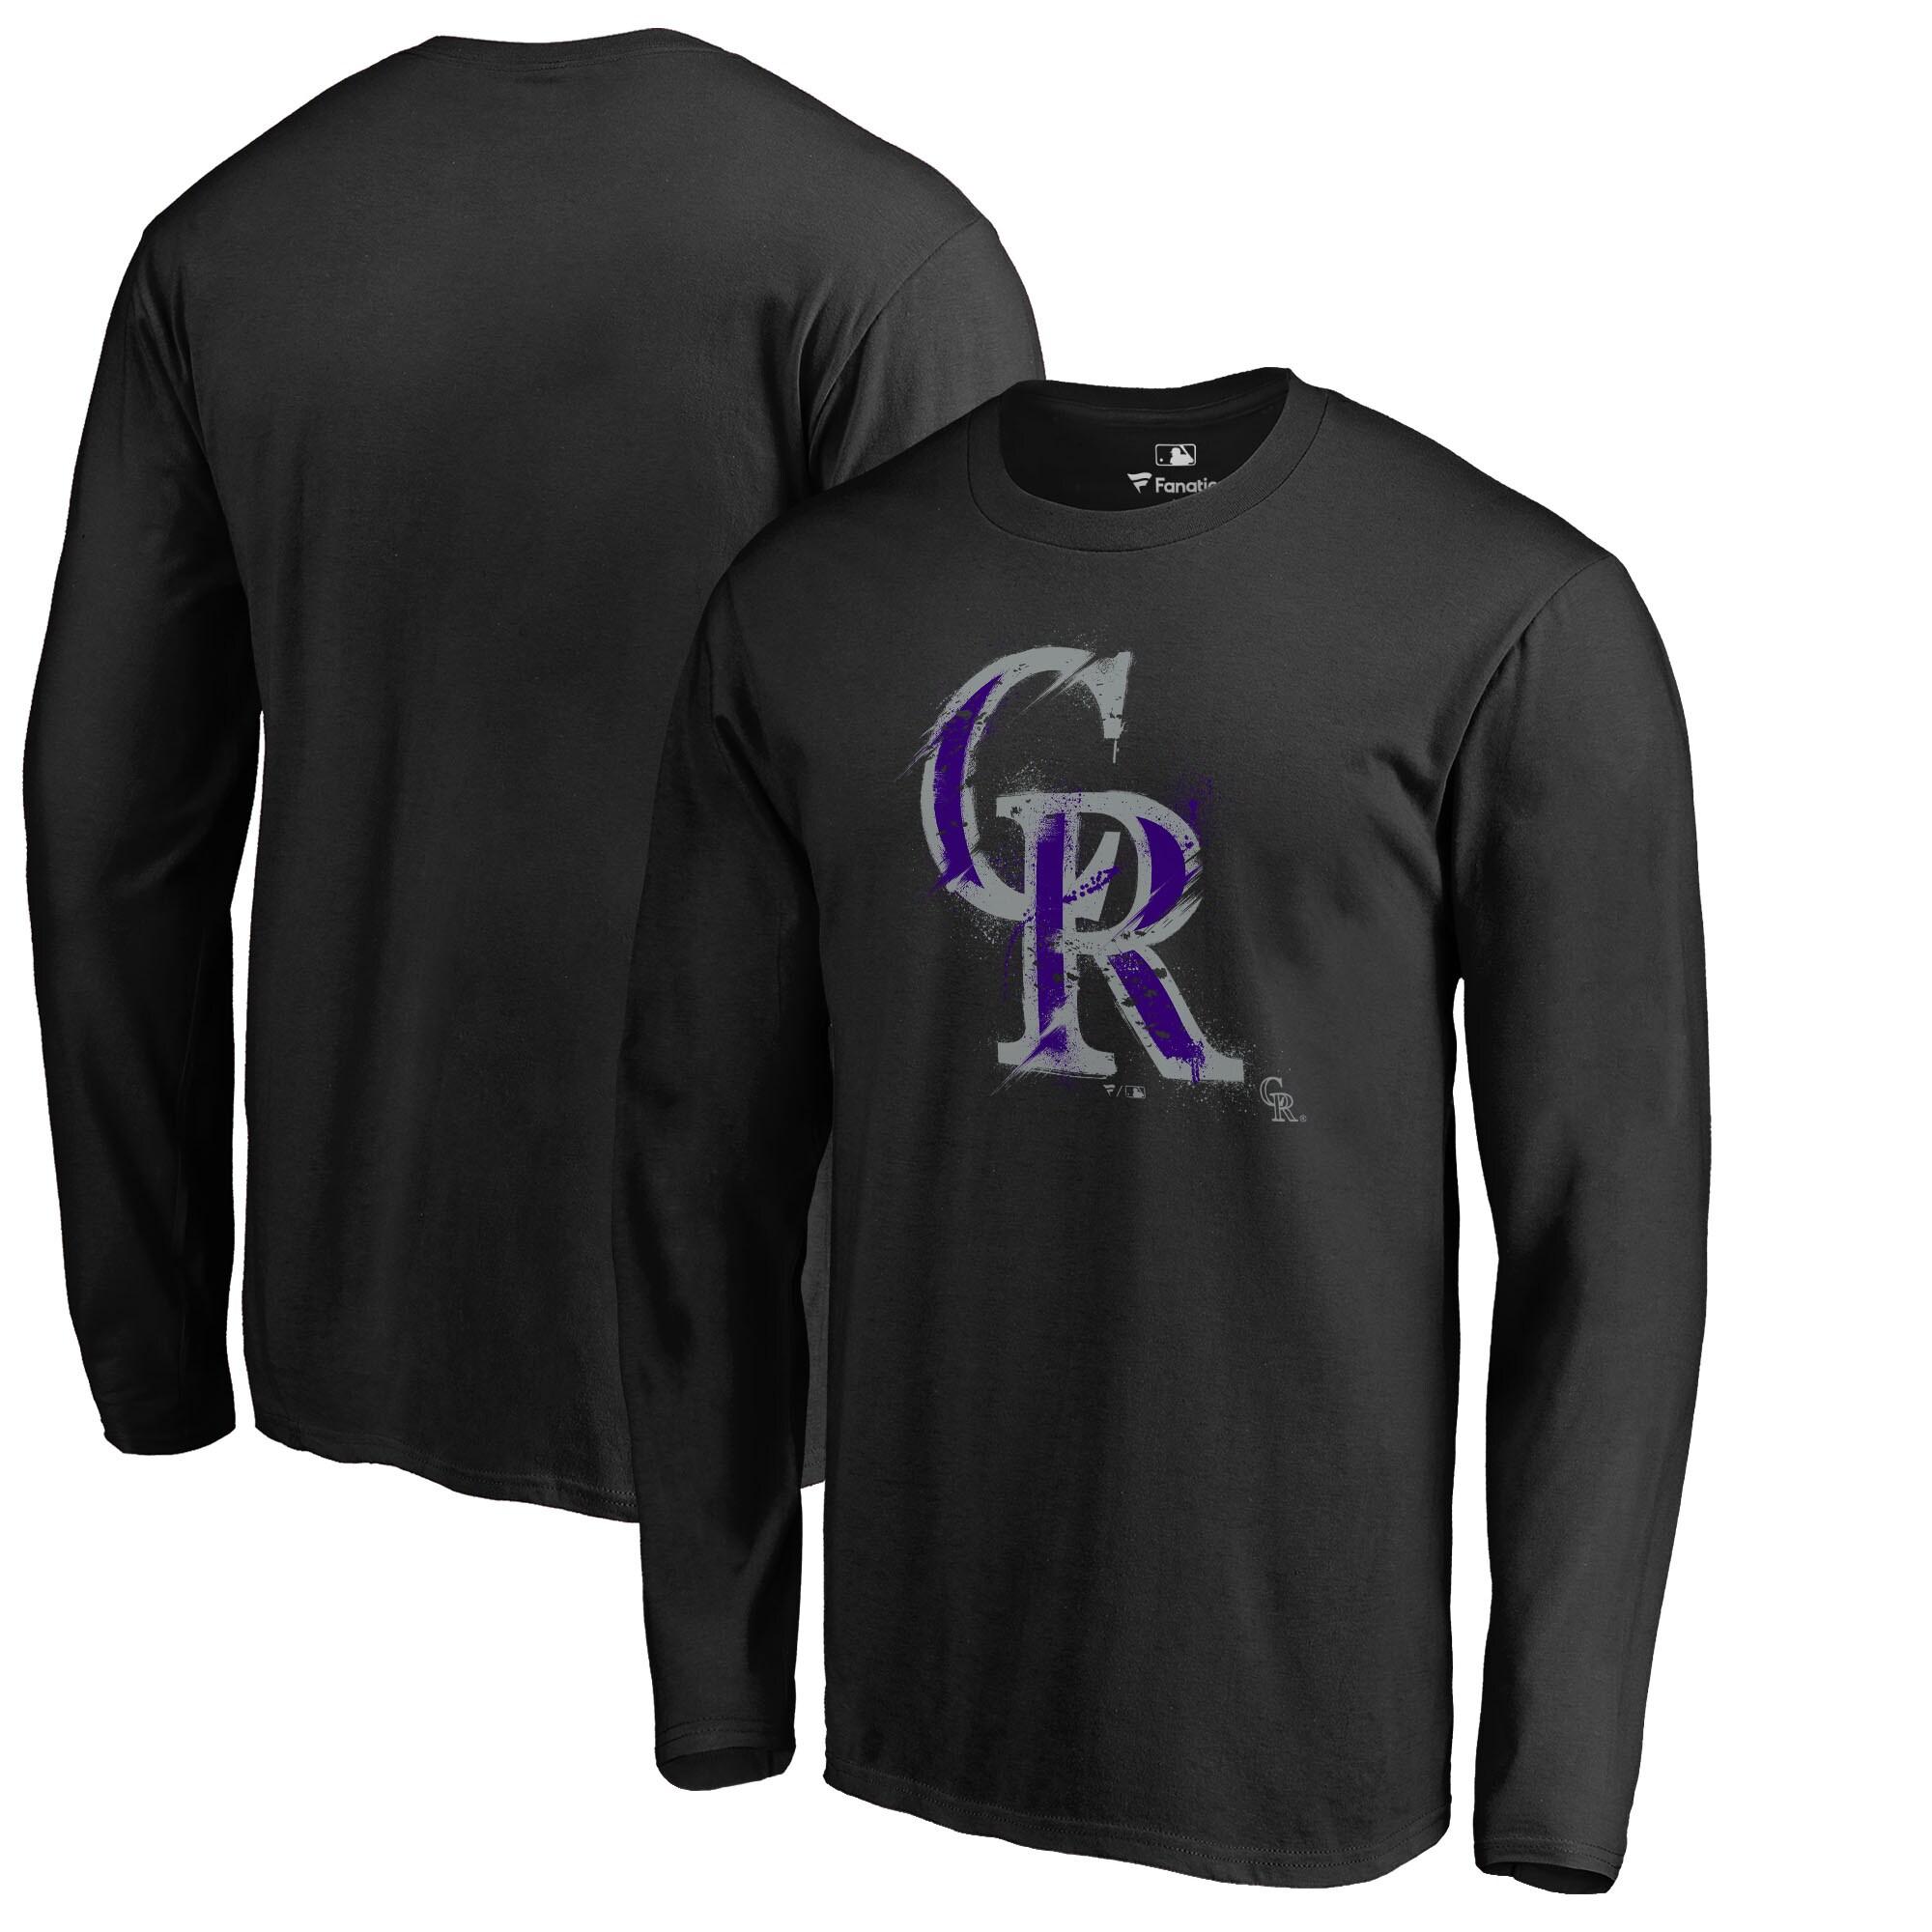 Colorado Rockies Fanatics Branded Splatter Logo Long Sleeve T-Shirt - Black